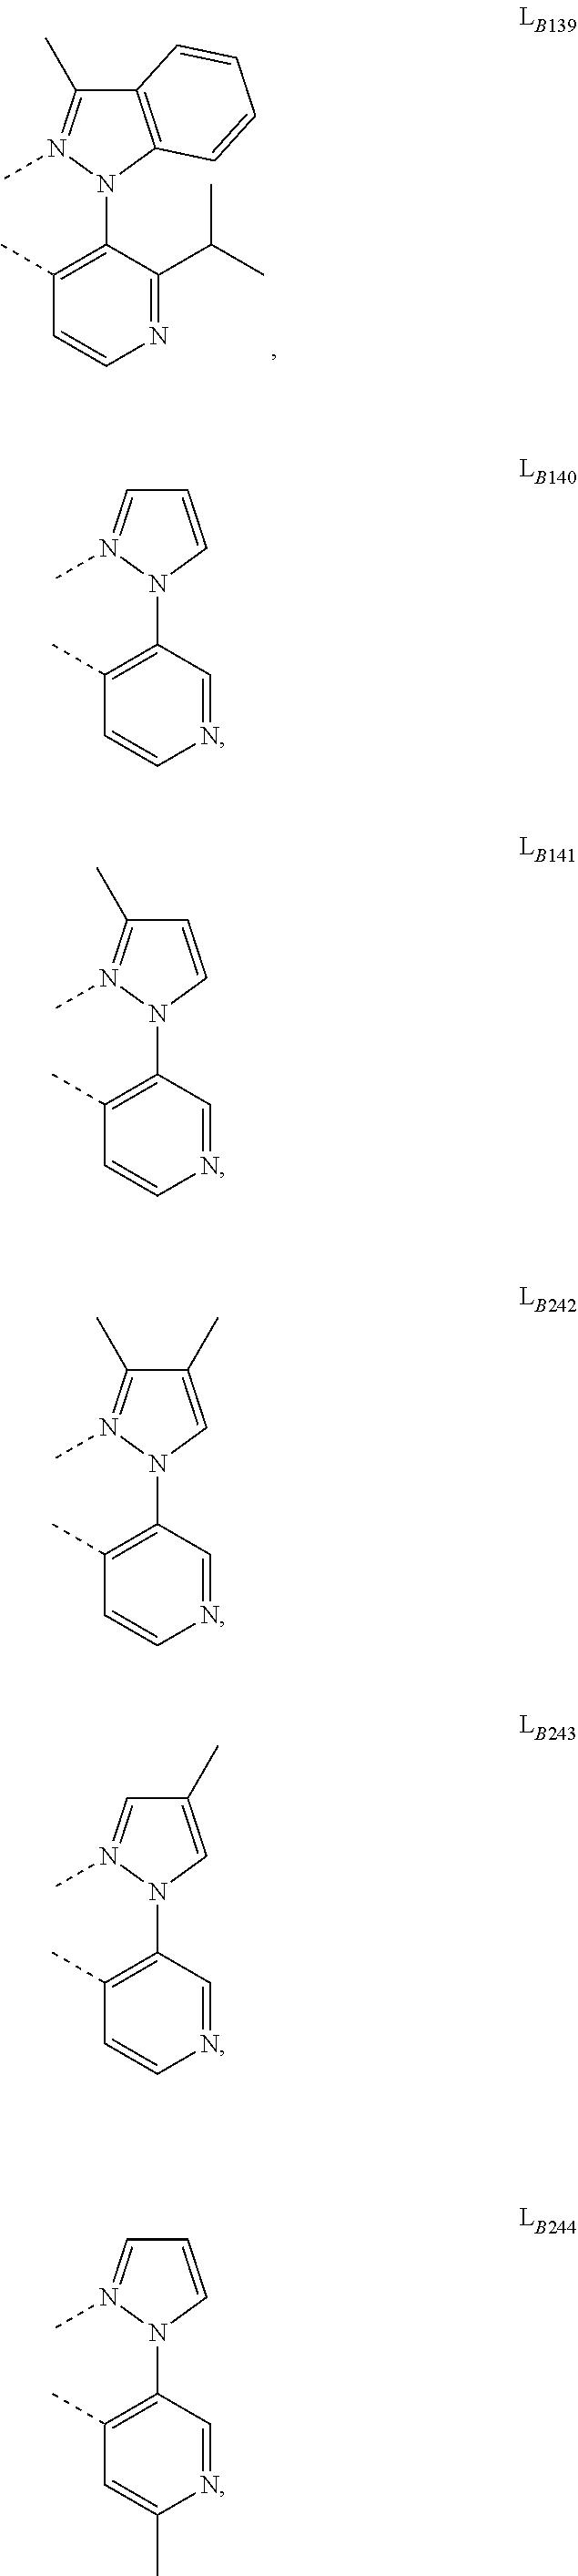 Figure US09905785-20180227-C00611